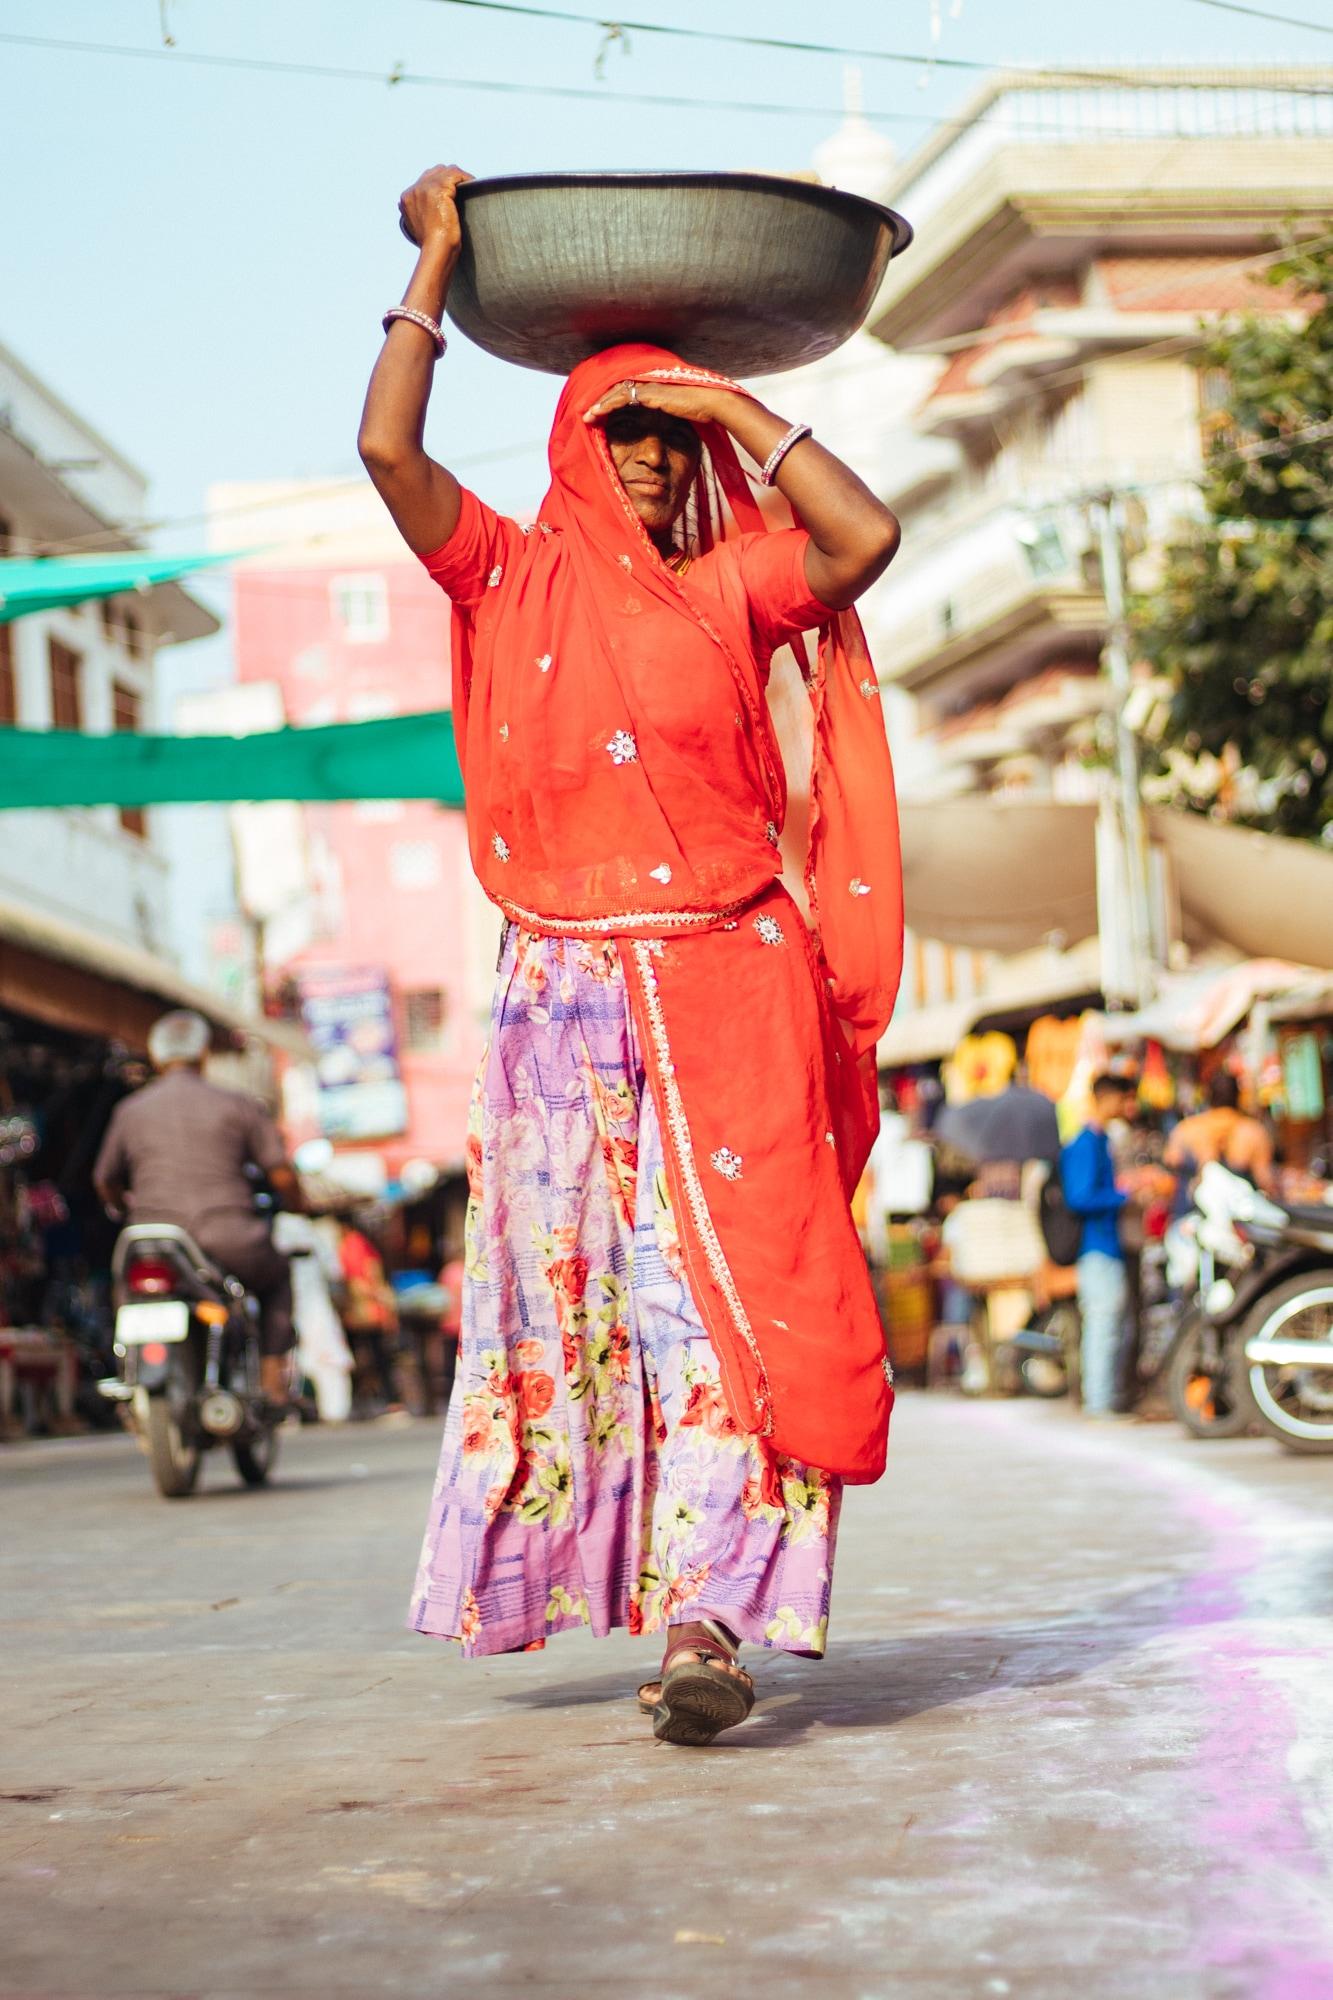 A woman in street